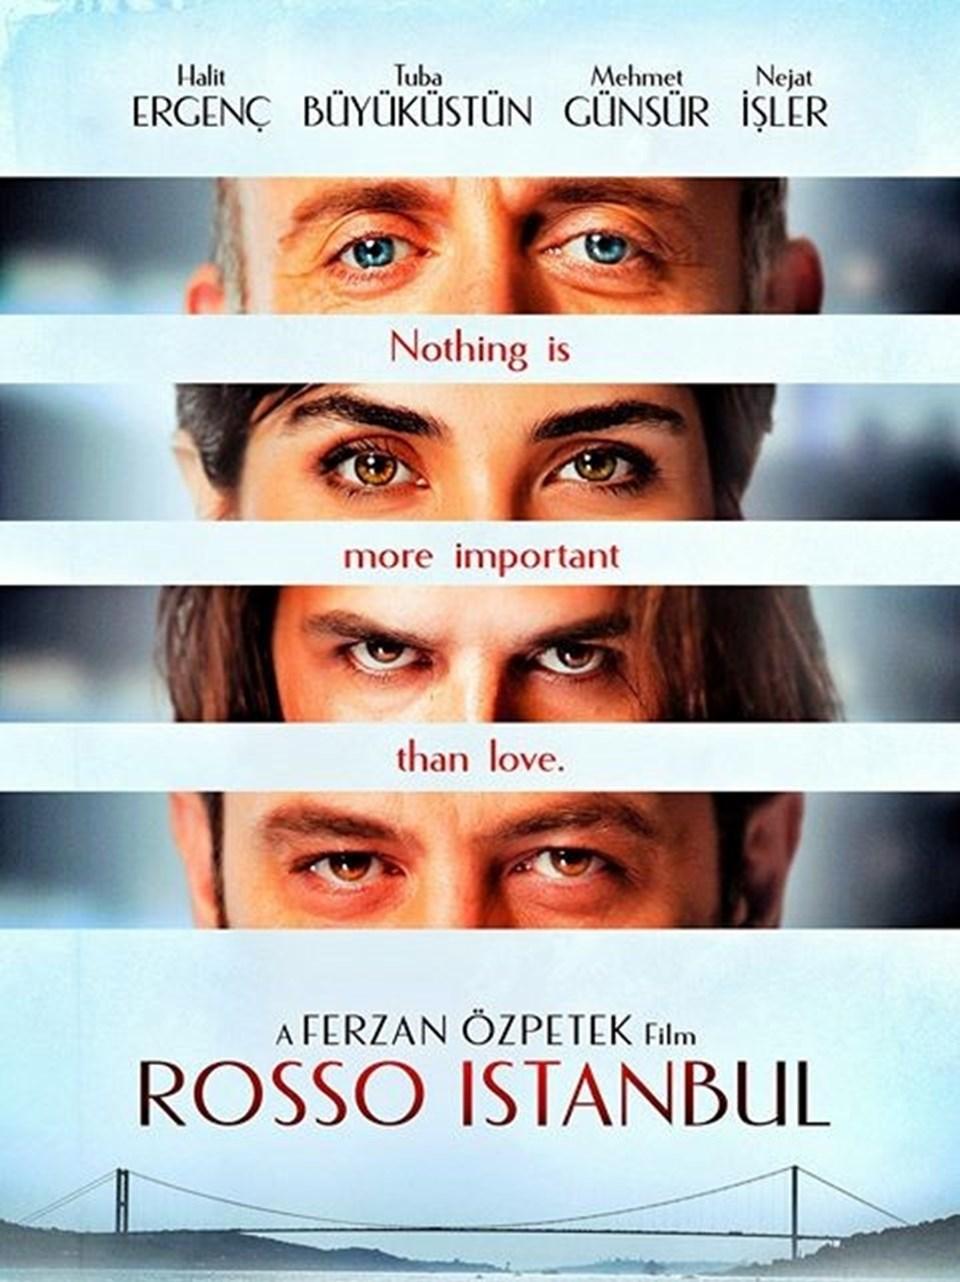 """Ferzan Özpetek imzalı """"İstanbul Kırmızısı""""nda Tuba Büyüküstün, Halit Ergenç, Mehmet Günsür, Nejat İşler, Serra Yılmaz, Zerrin Tekindor gibi birçok ünlü ve usta oyuncu rol alıyor. Yarın vizyona girecek filmde Londra'da yaşayan Orhan'ın, yönetmen Deniz'in kitabındaki karakterlerle tanışmak üzere İstanbul'a gelişi ve sonrasında gelişen olaylar anlatılıyor."""